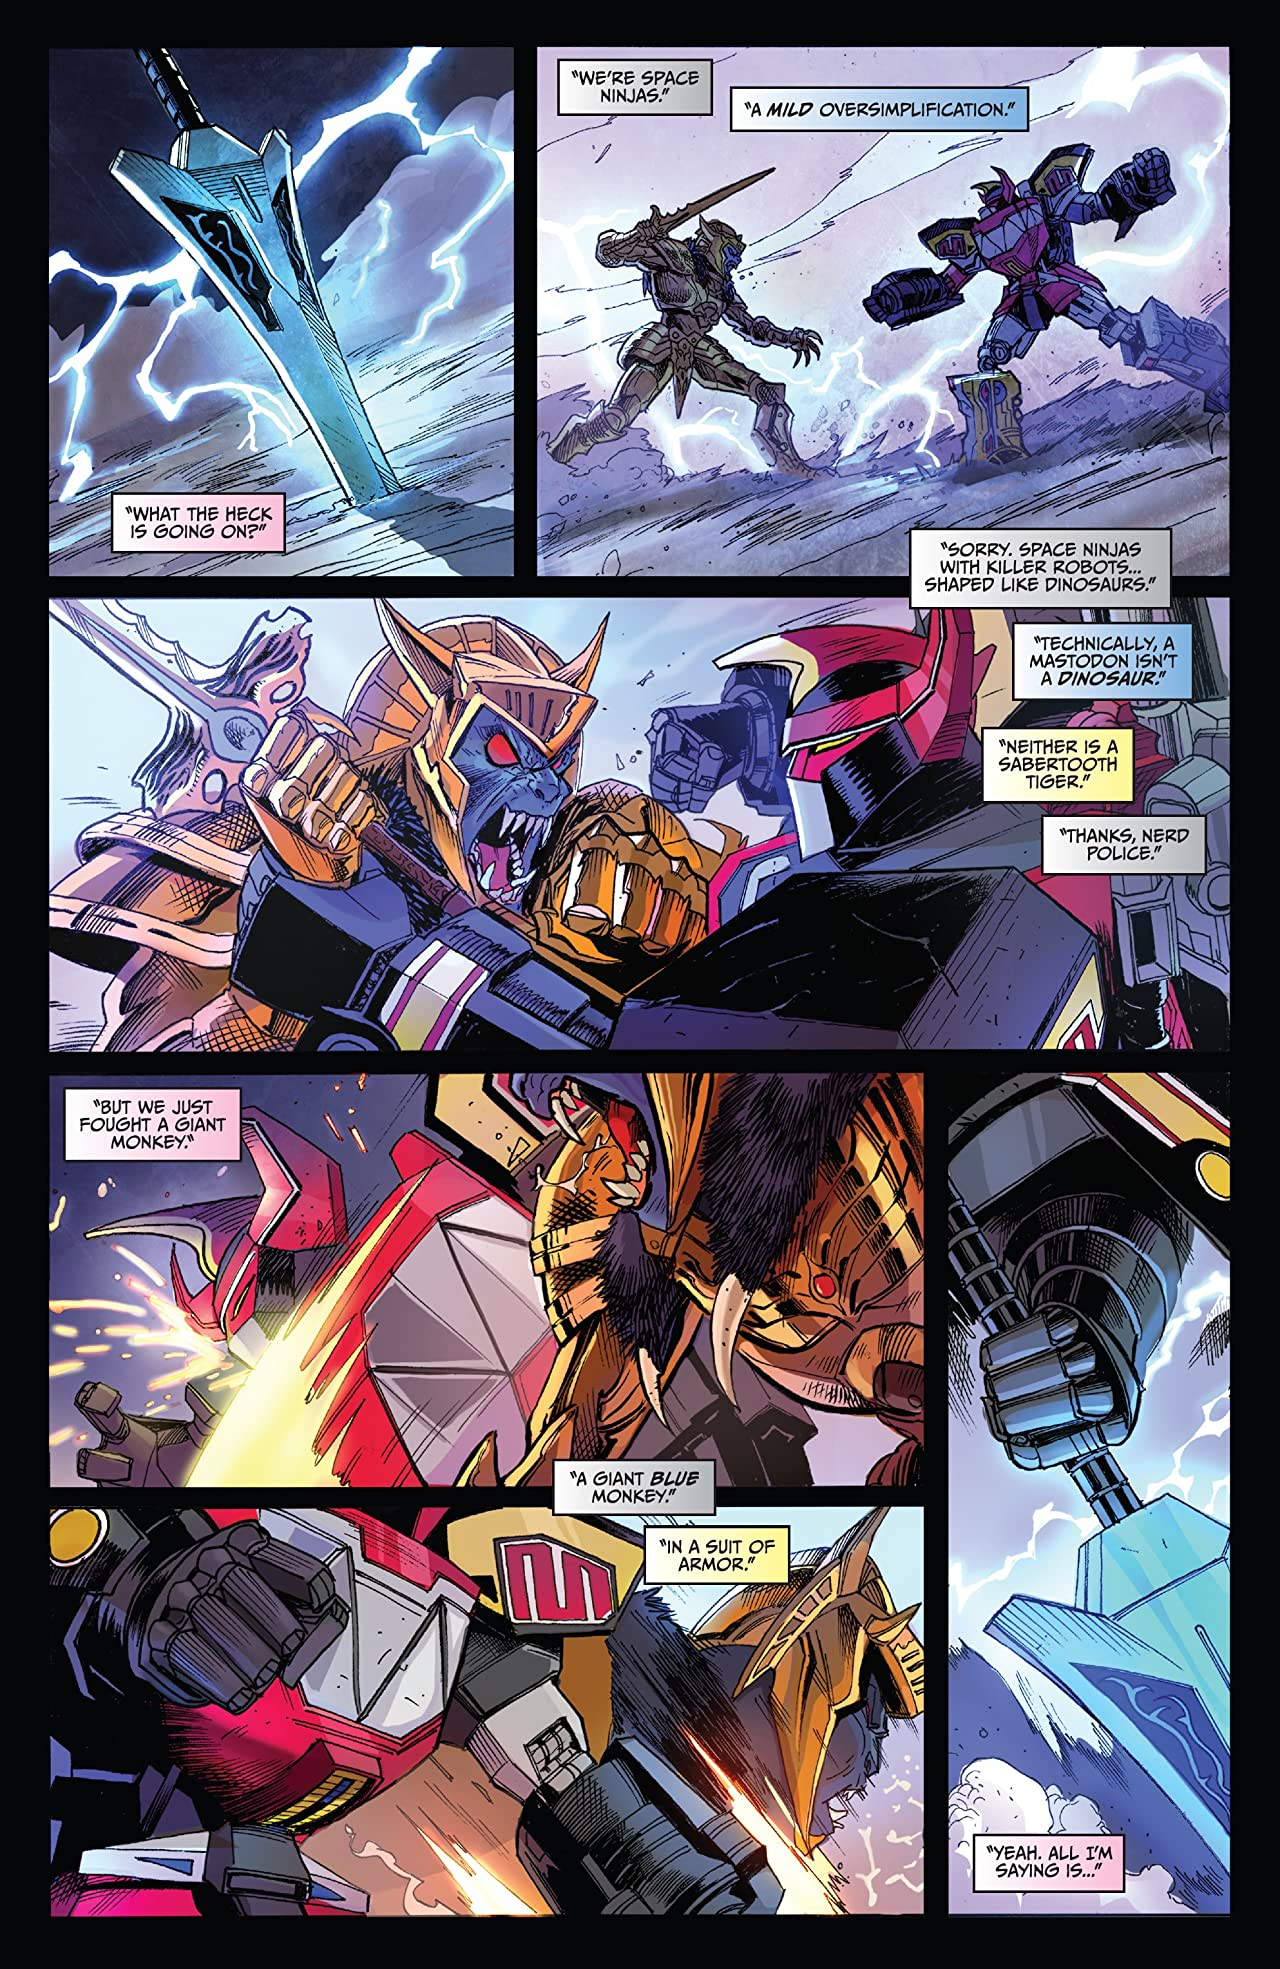 Saban's Go Go Power Rangers Vol. 1